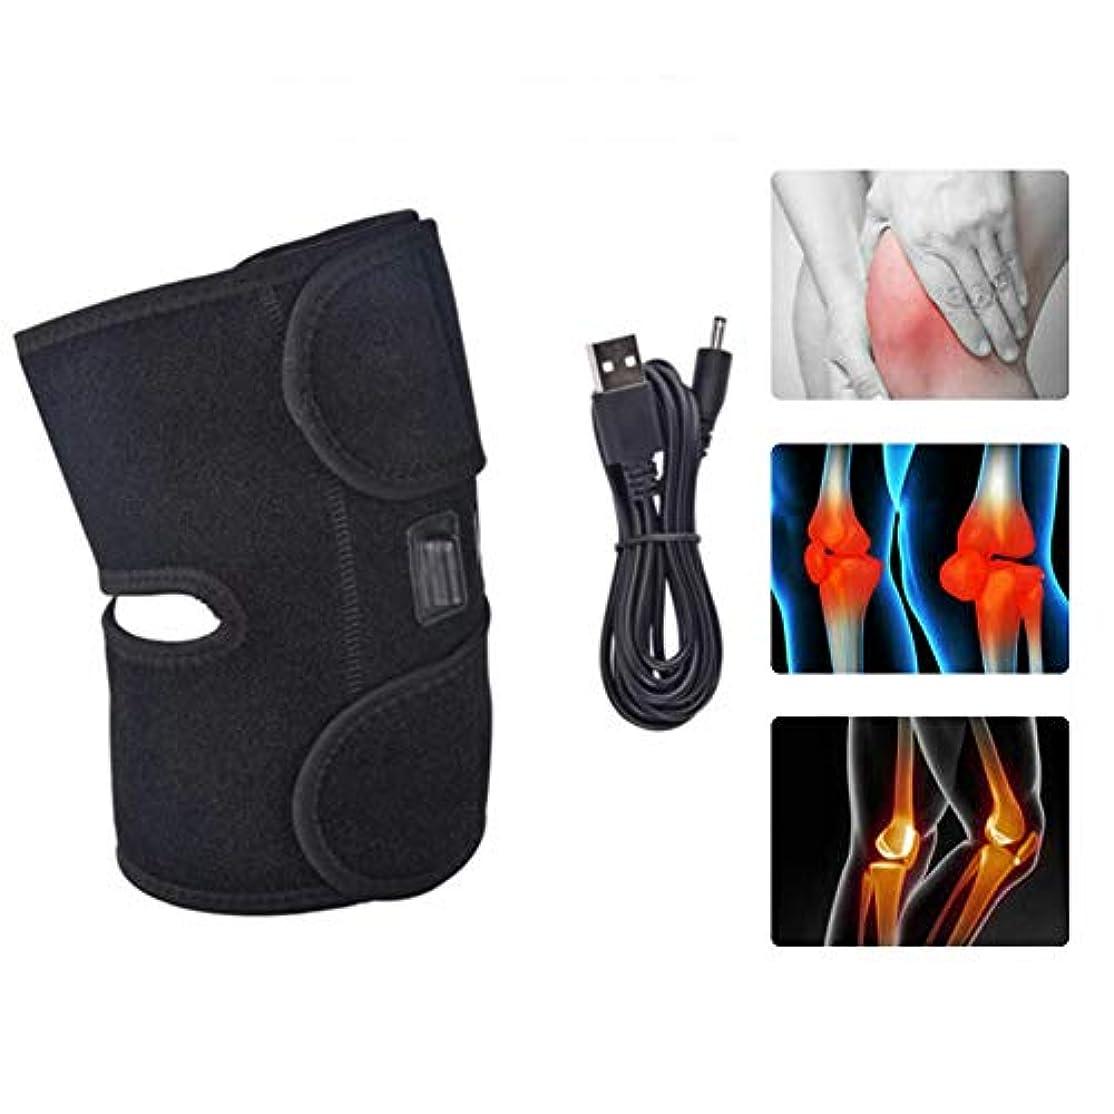 維持コショウ成功する電気加熱膝ブレースサポート - 膝温ラップラップパッド - 療法ホット圧縮3ファイル温度で膝の傷害,2pcs